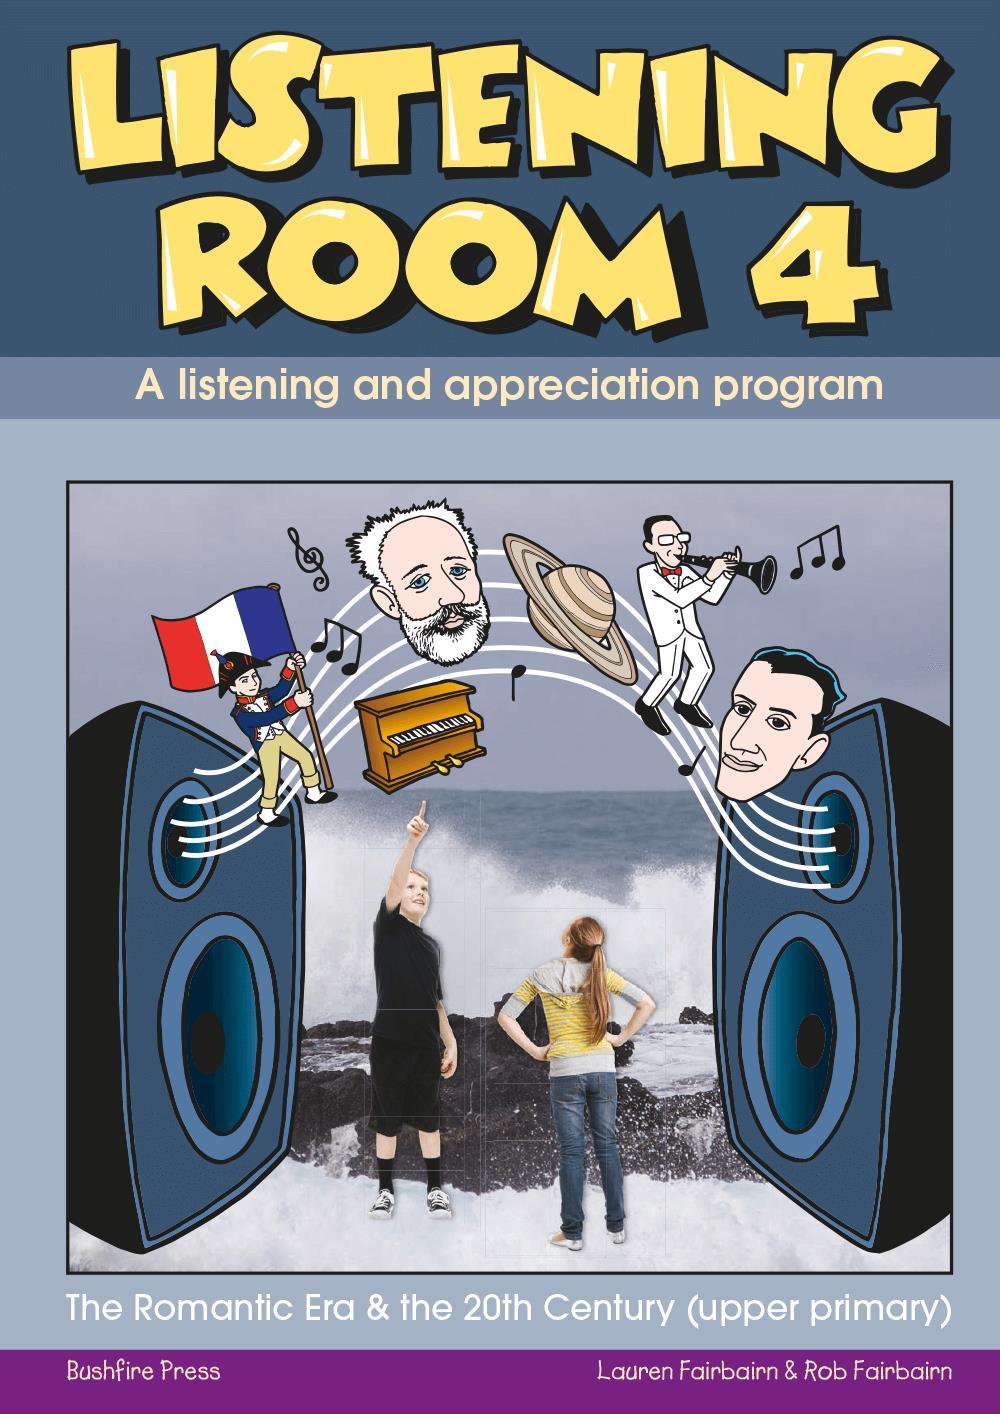 Listening Room 4